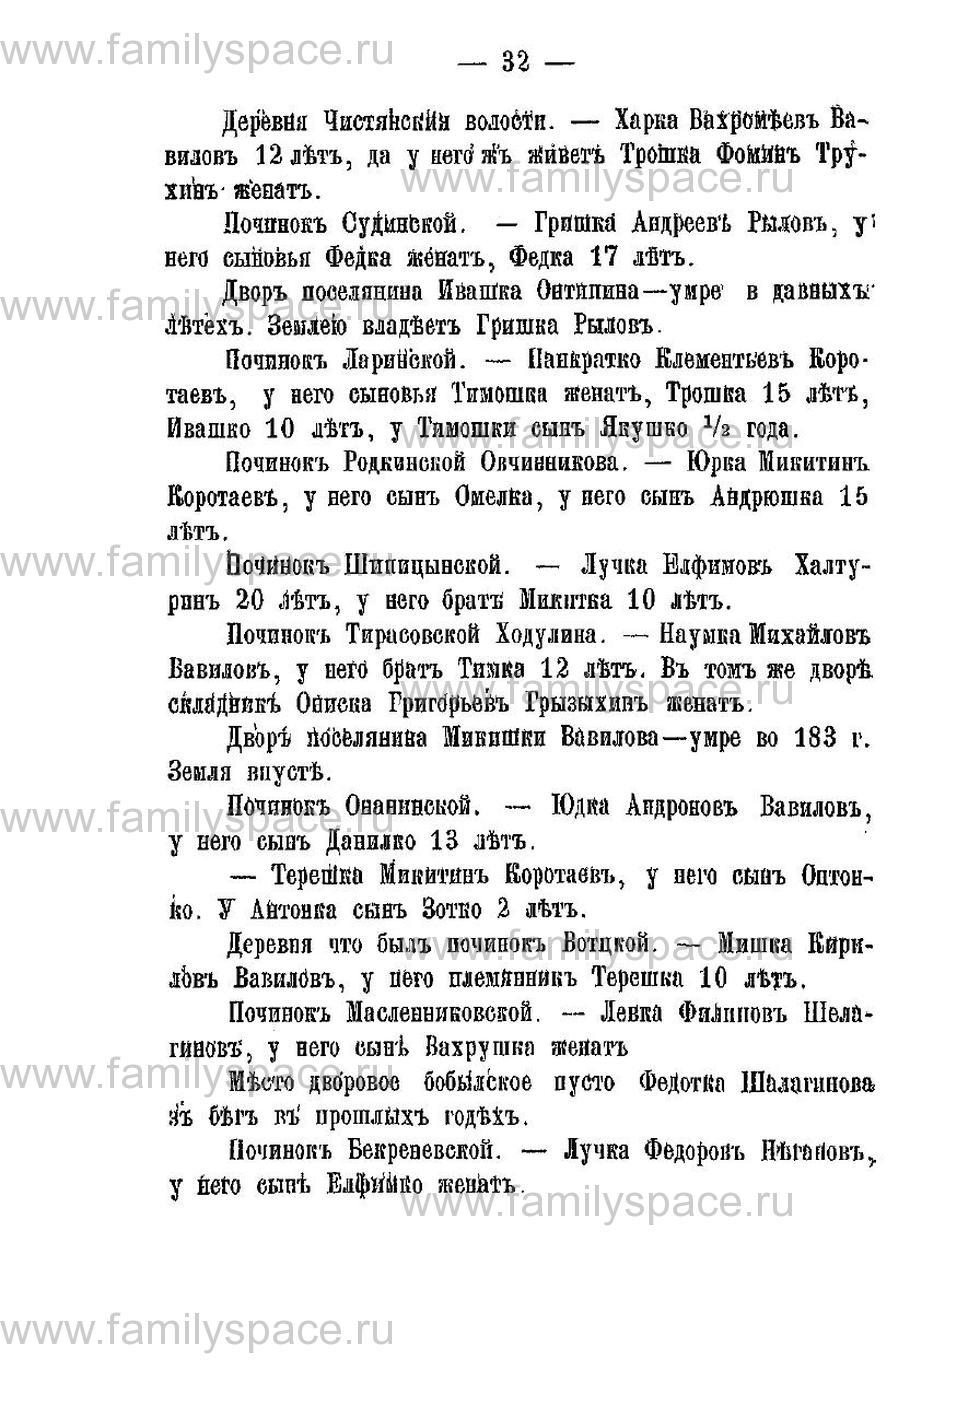 Поиск по фамилии - Переписная книга Орлова и волостей 1678 г, страница 28